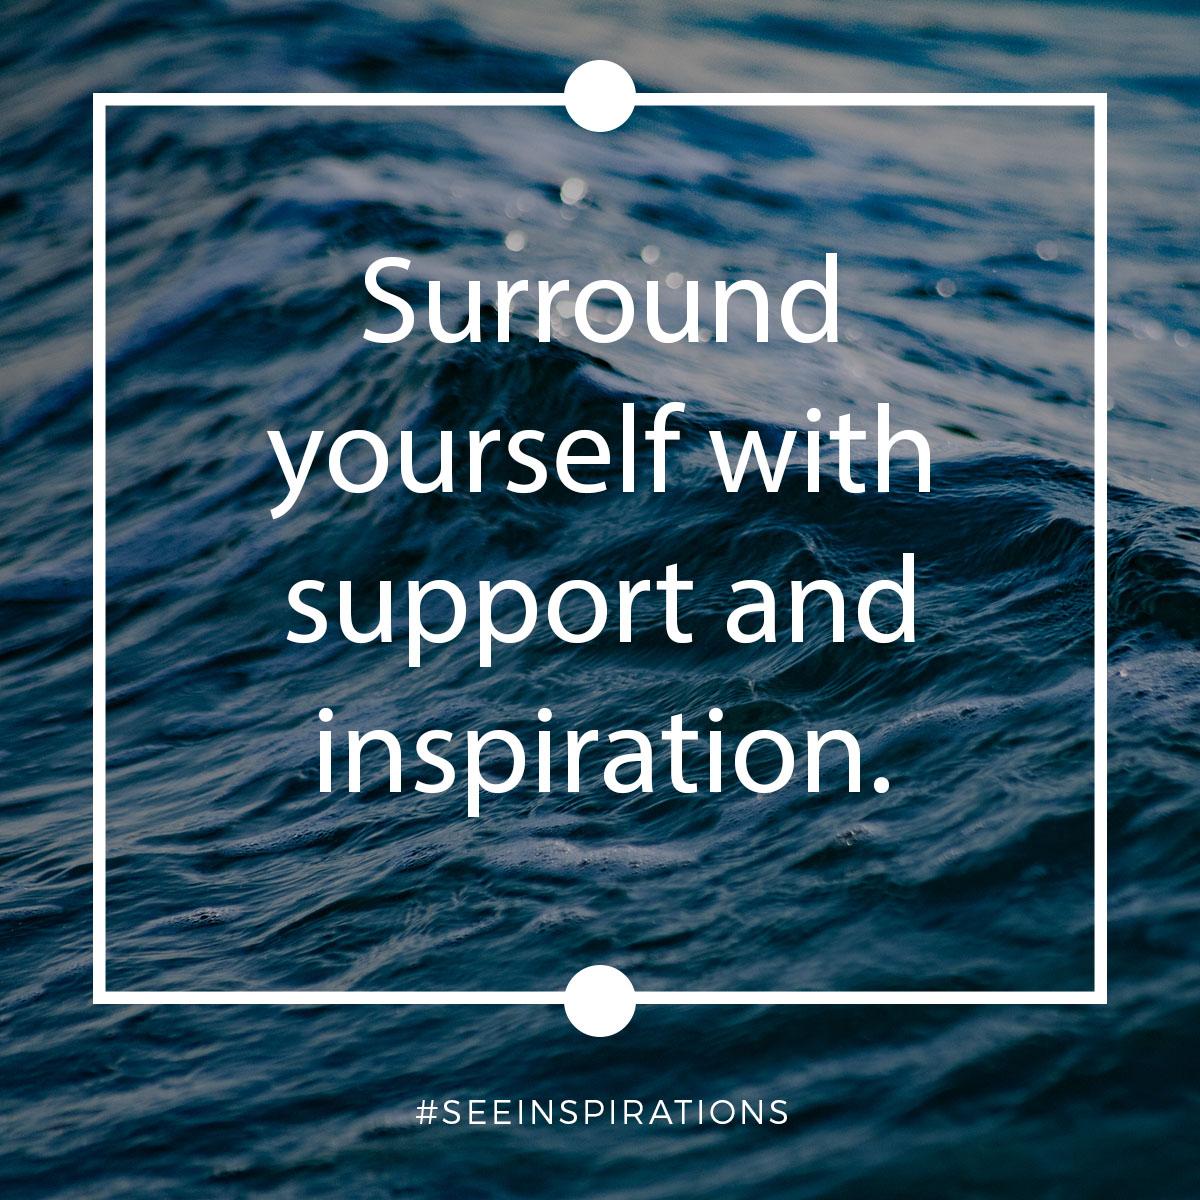 surroundyourselfwithsupportandinspiration